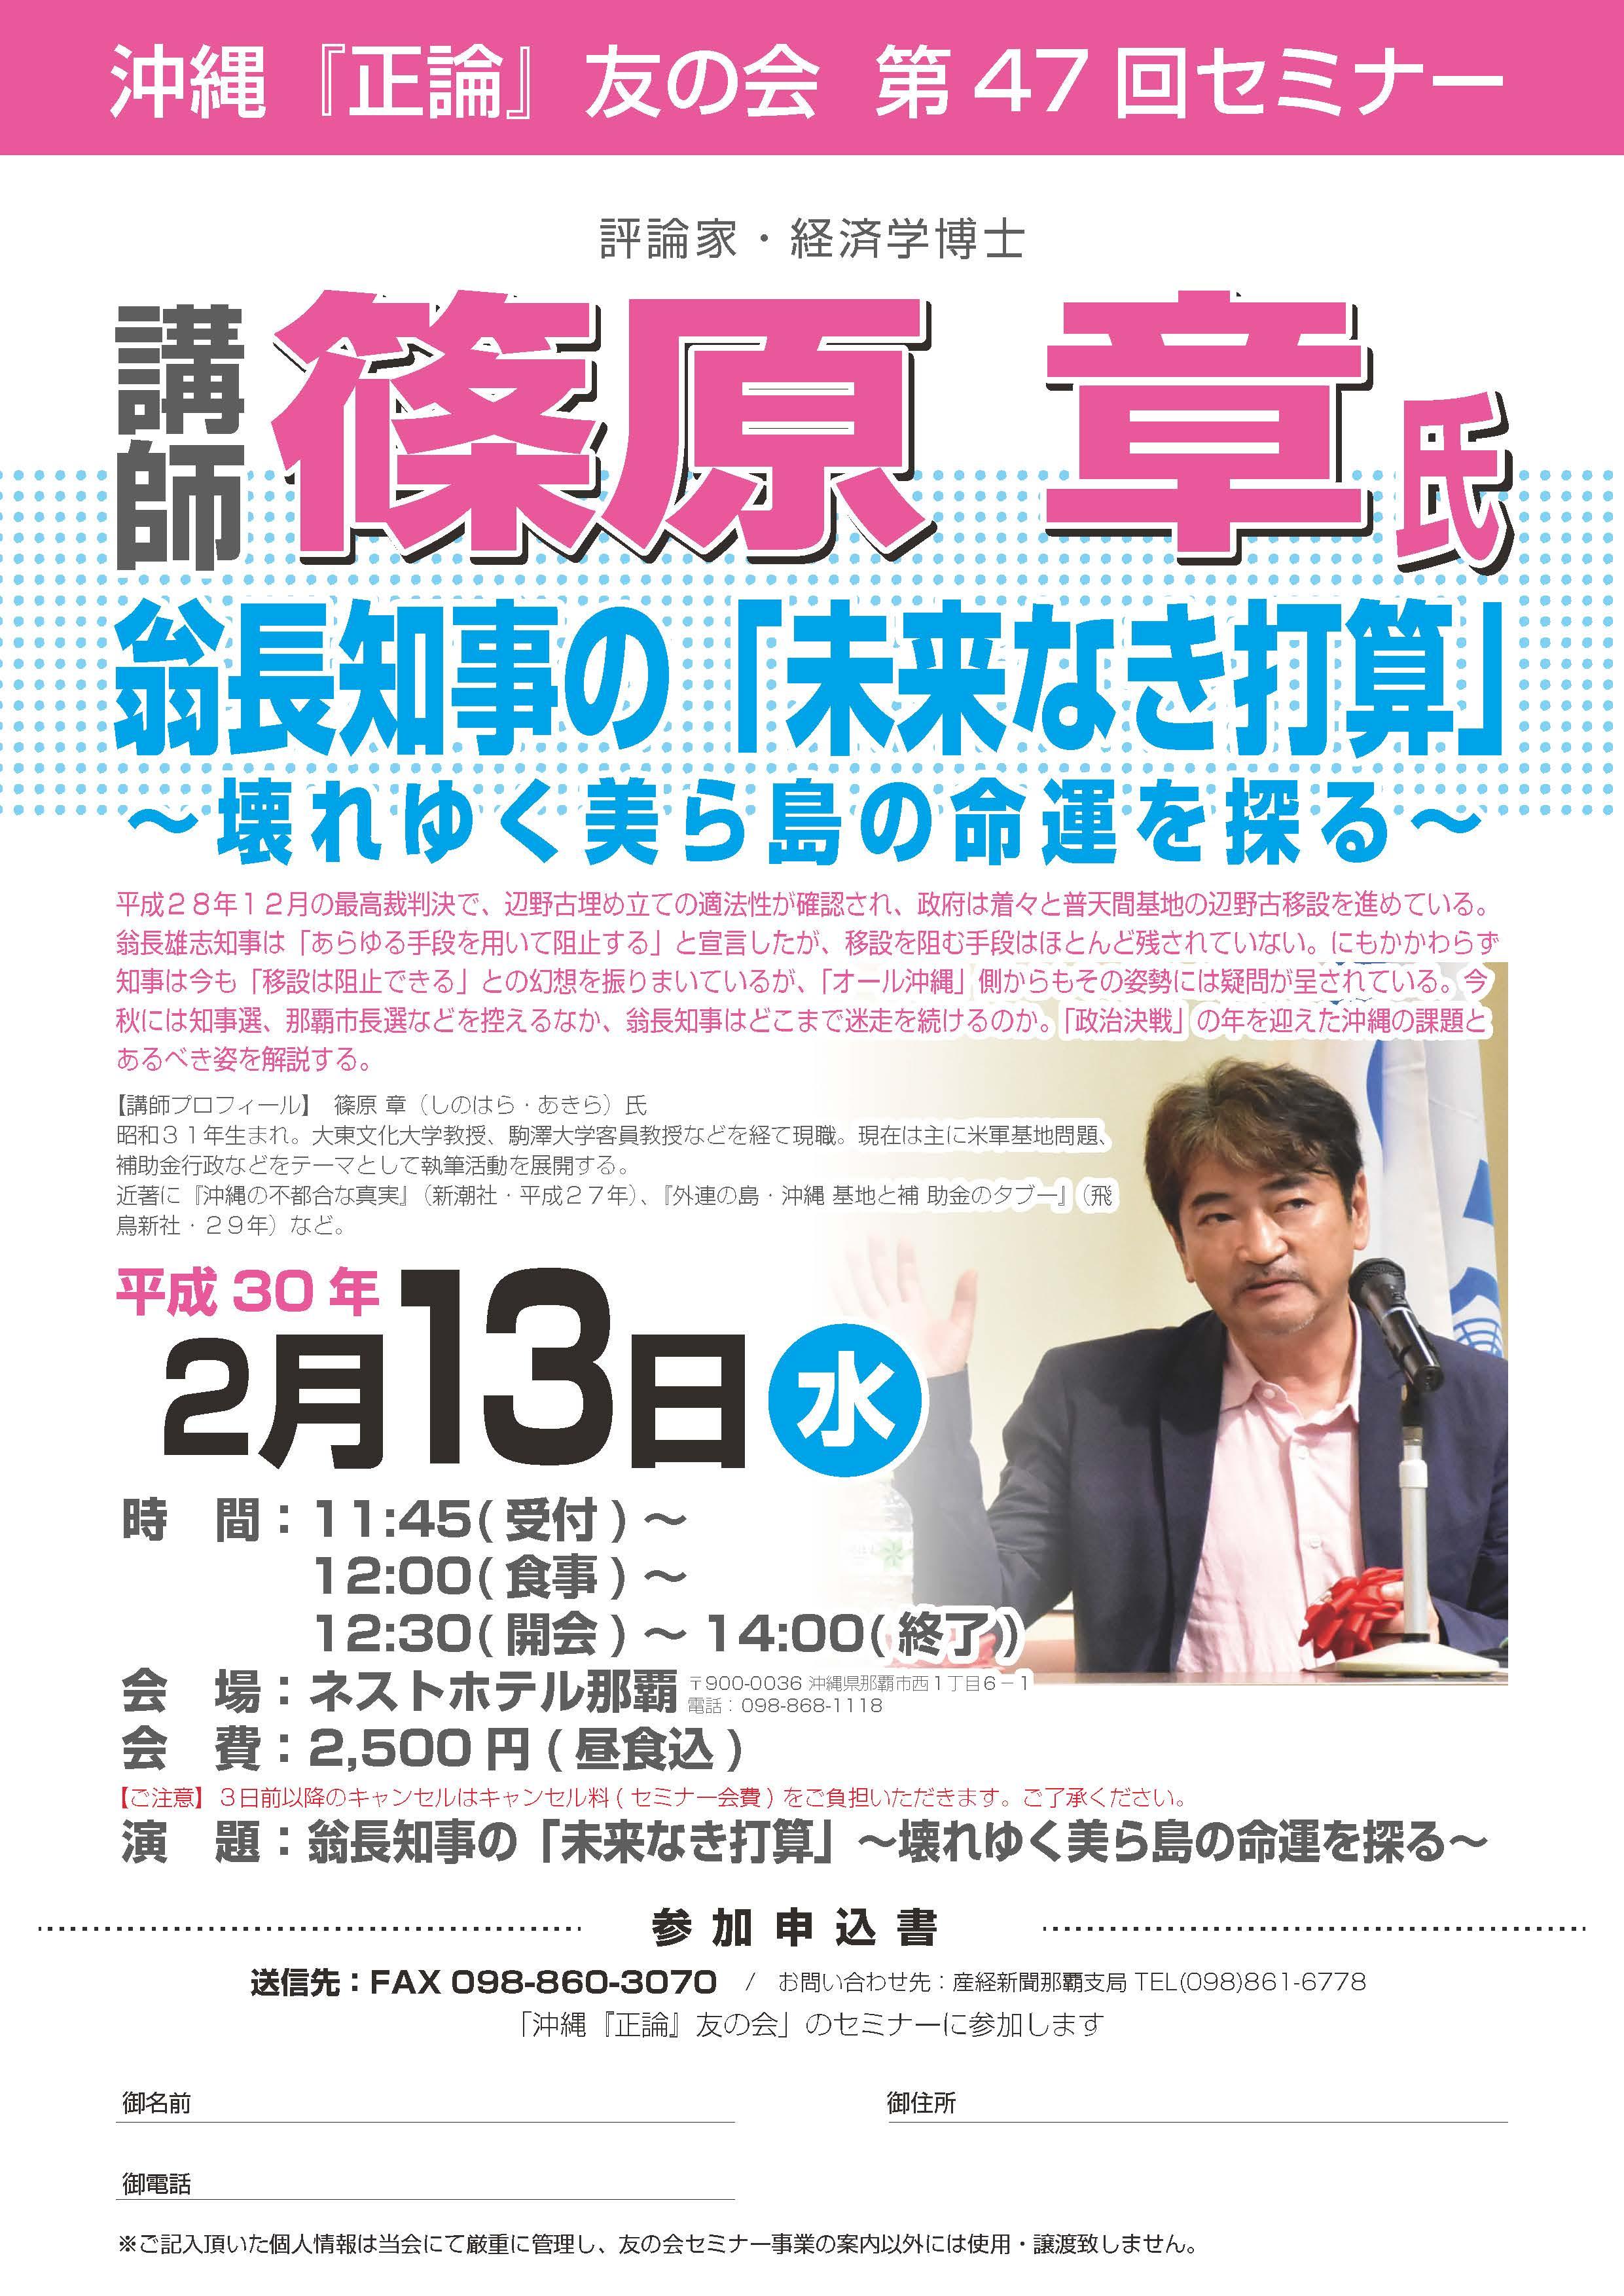 沖縄『正論』友の会 第47回セミナー (poster)